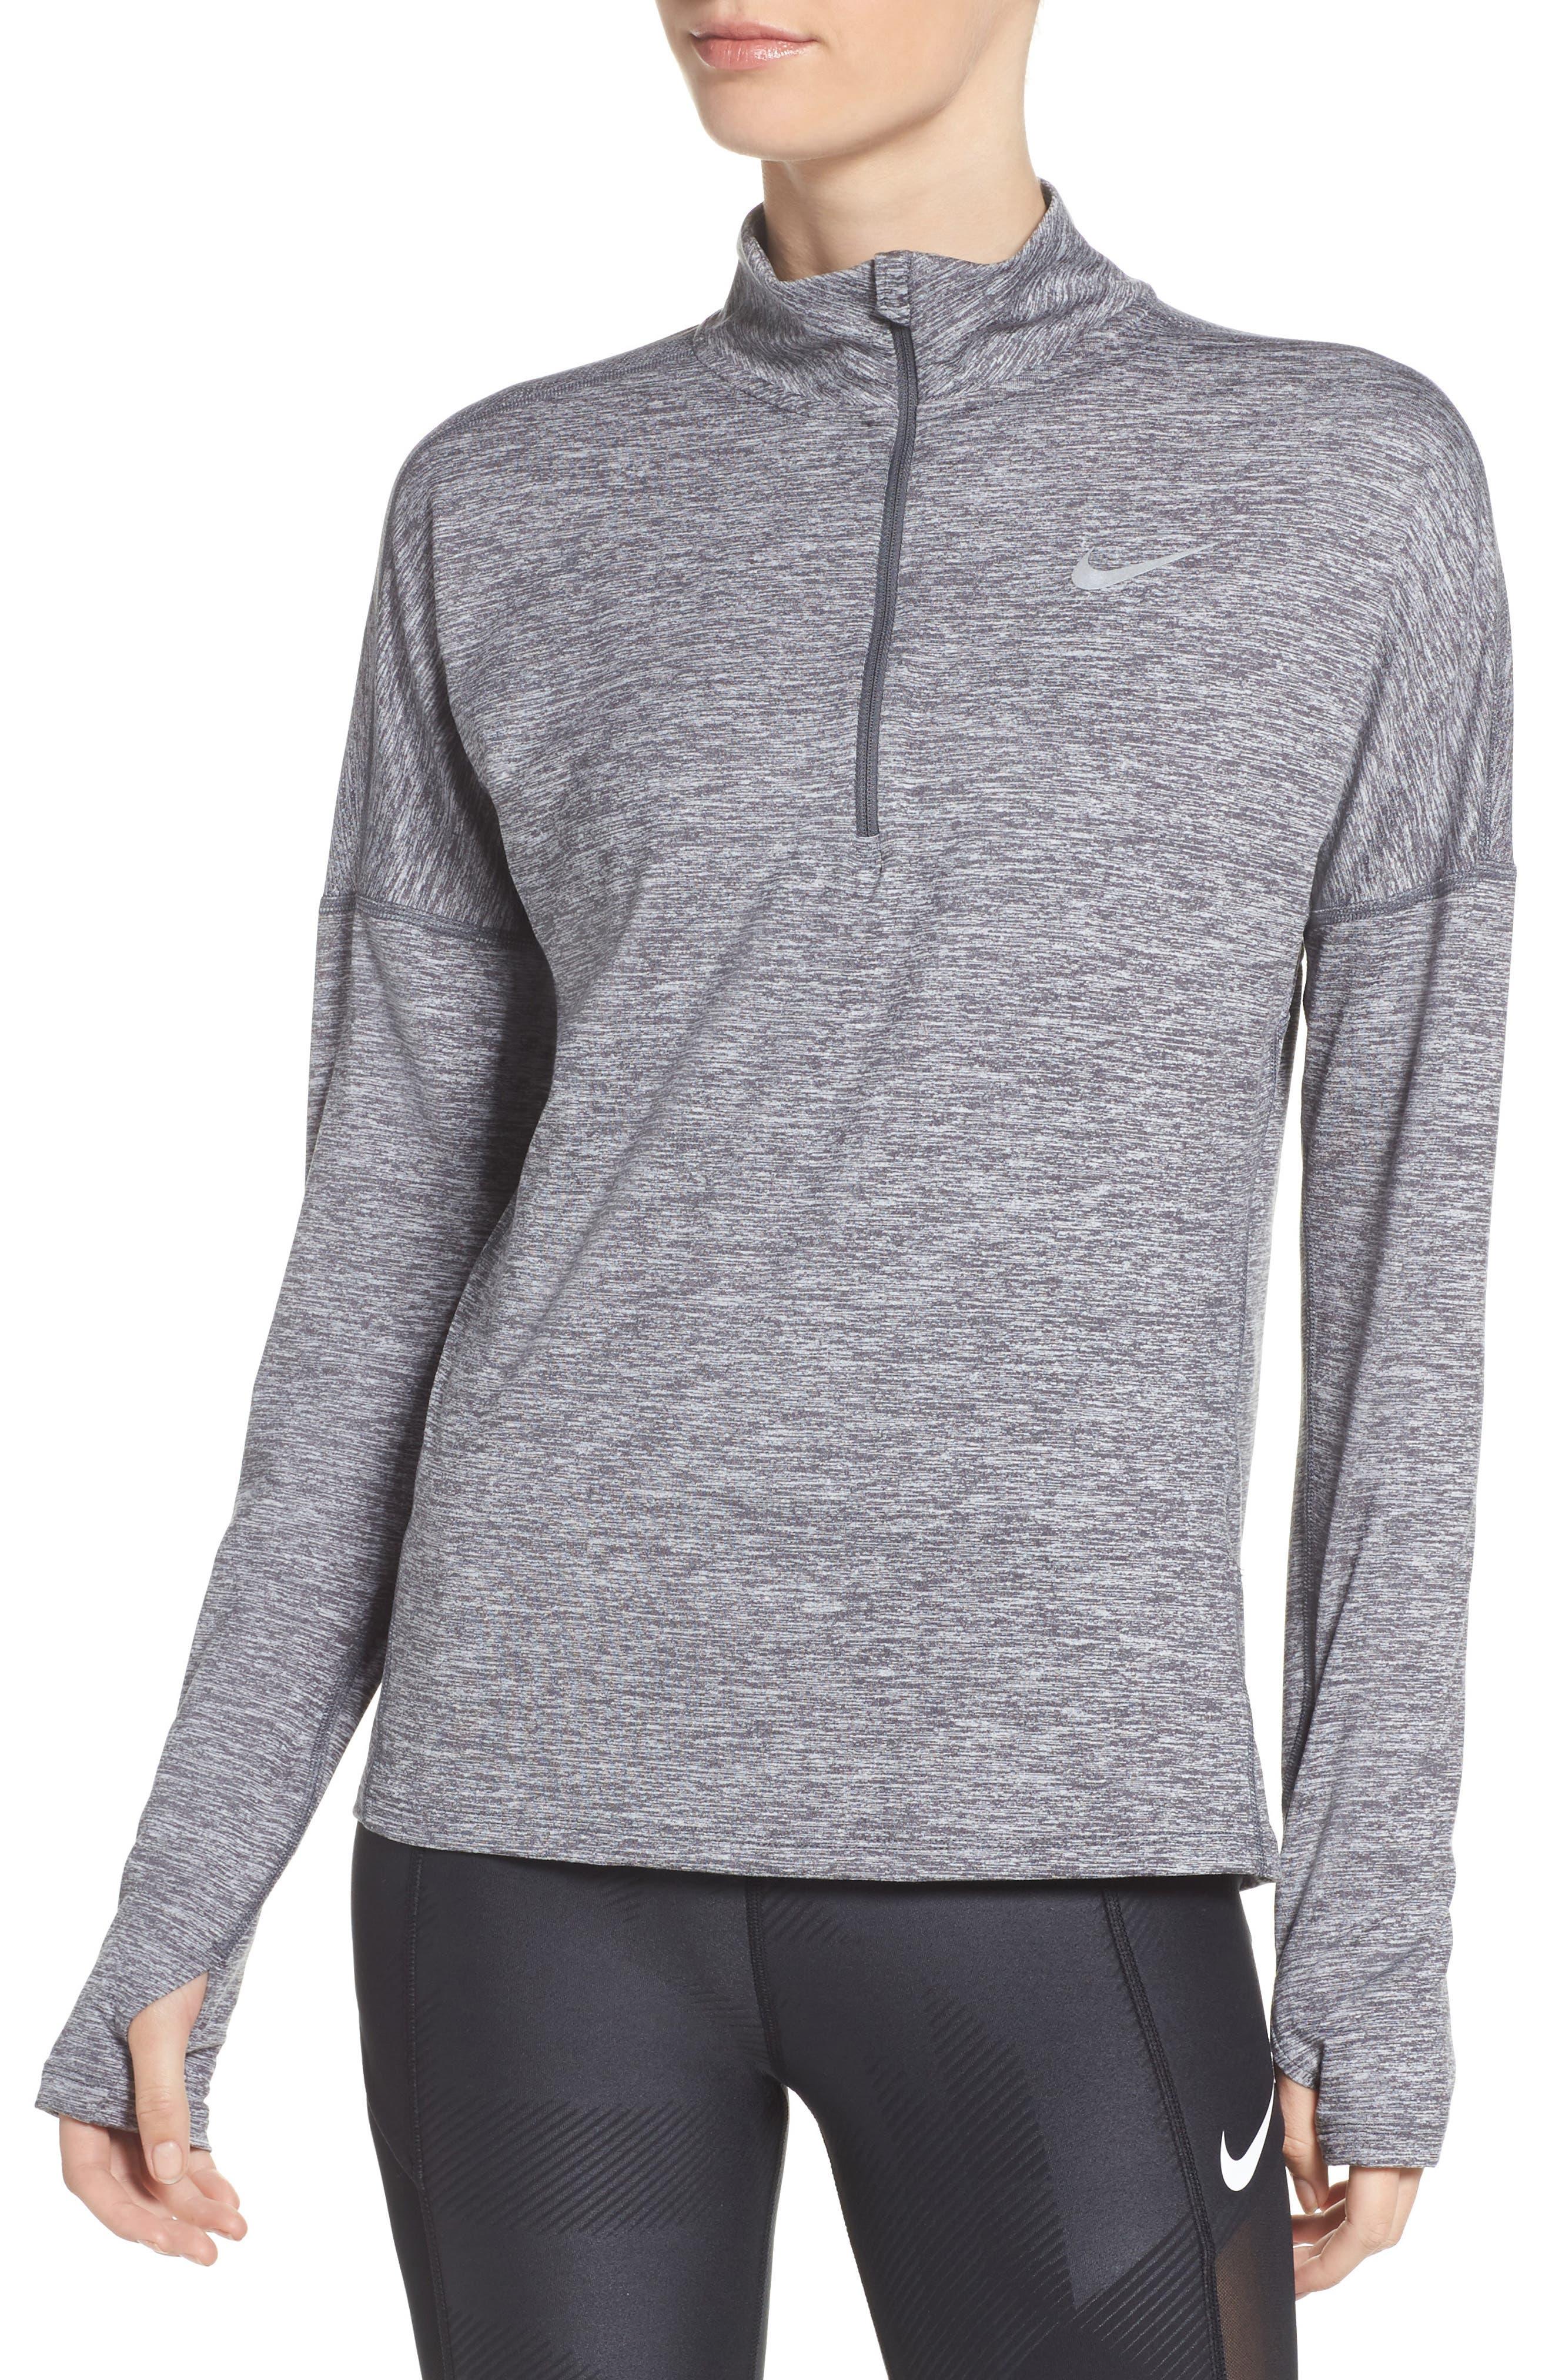 Dry Element Half Zip Top,                         Main,                         color, Dark Grey/ Heather